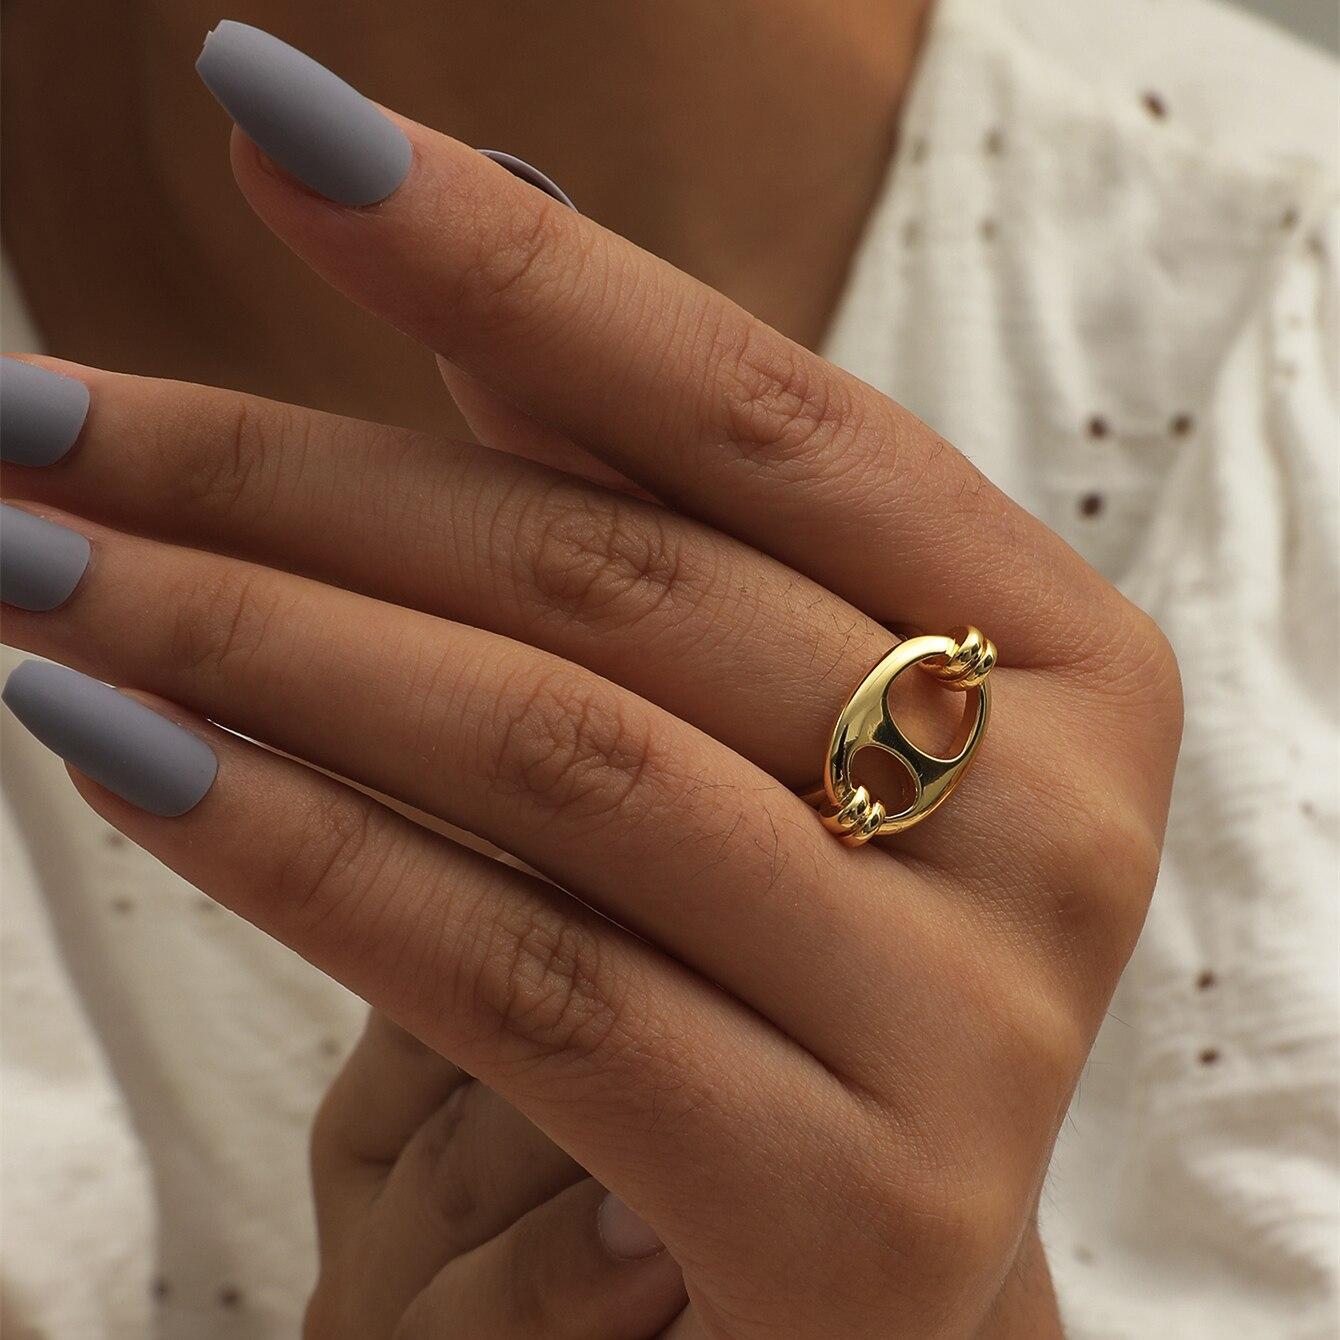 Манго, лаконичное модное регулируемое Открытое кольцо унисекс из нержавеющей стали